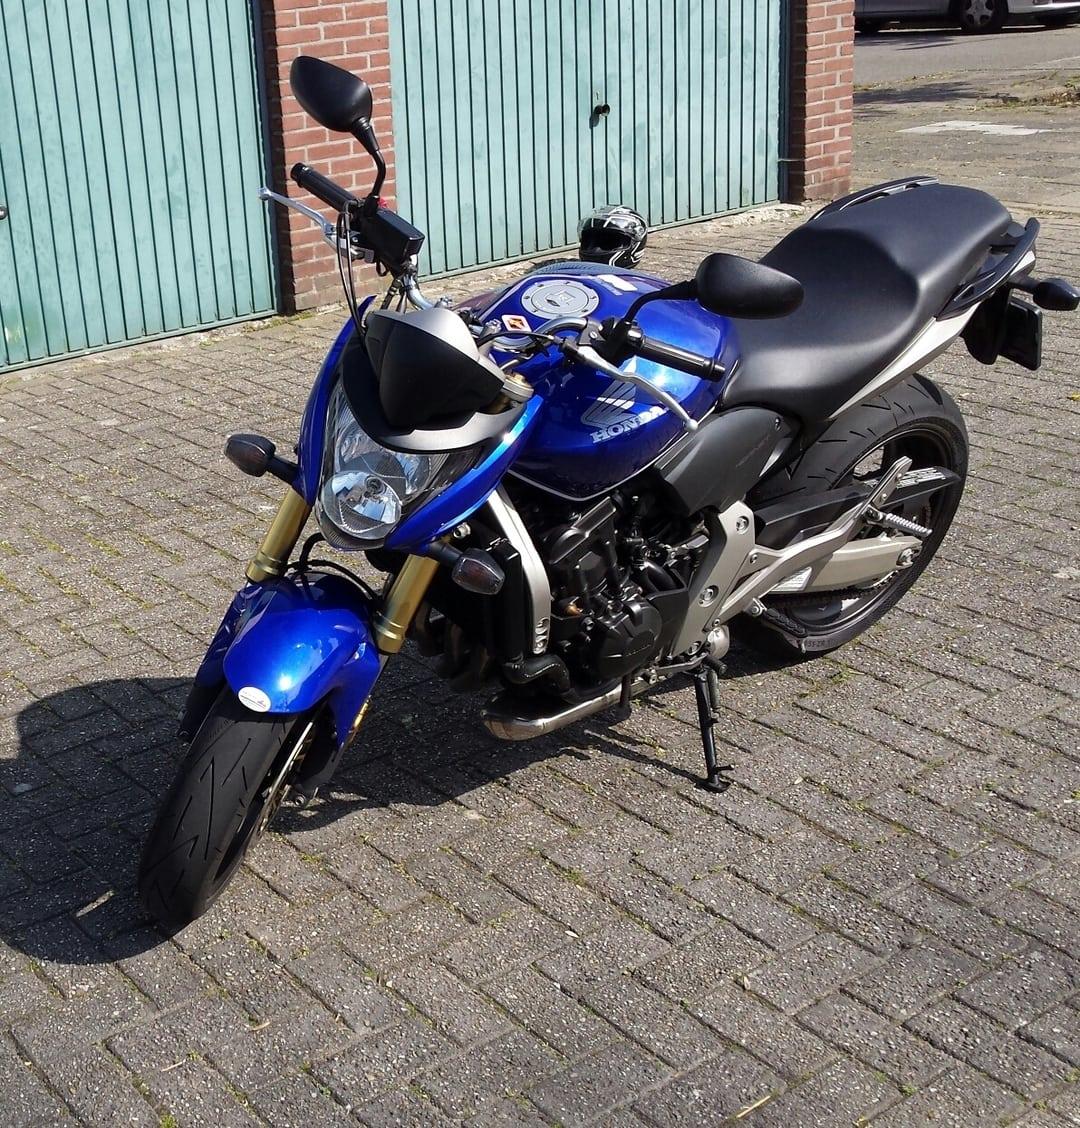 http://www.mijnalbum.nl/Foto800-ODJCL8JI.jpg